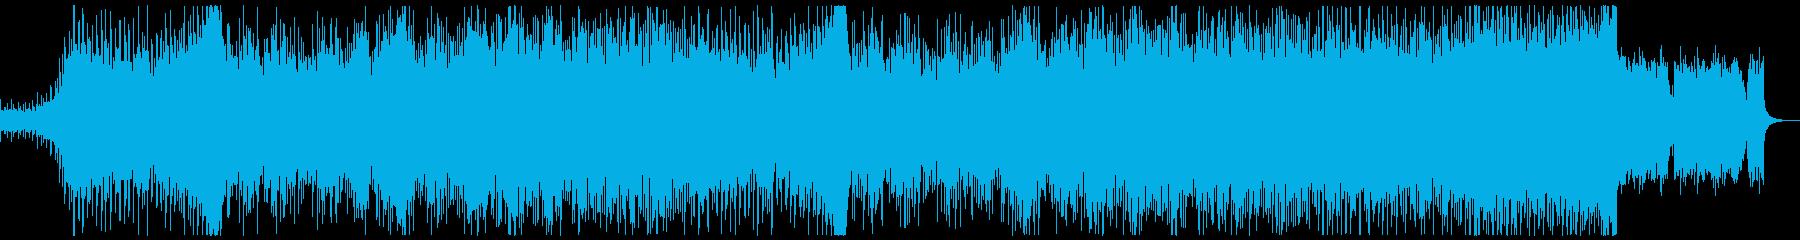 ひまわりをイメージした曲です。の再生済みの波形